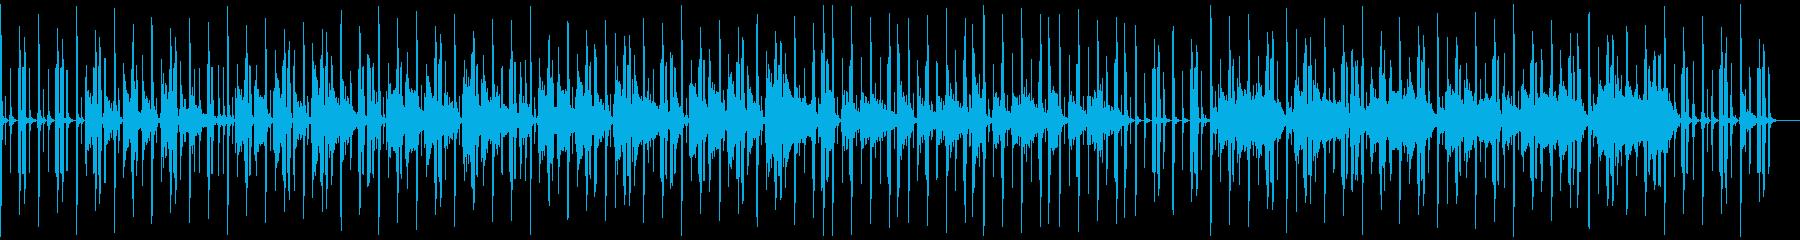 ゆったりチルなジャジーヒップホップの再生済みの波形